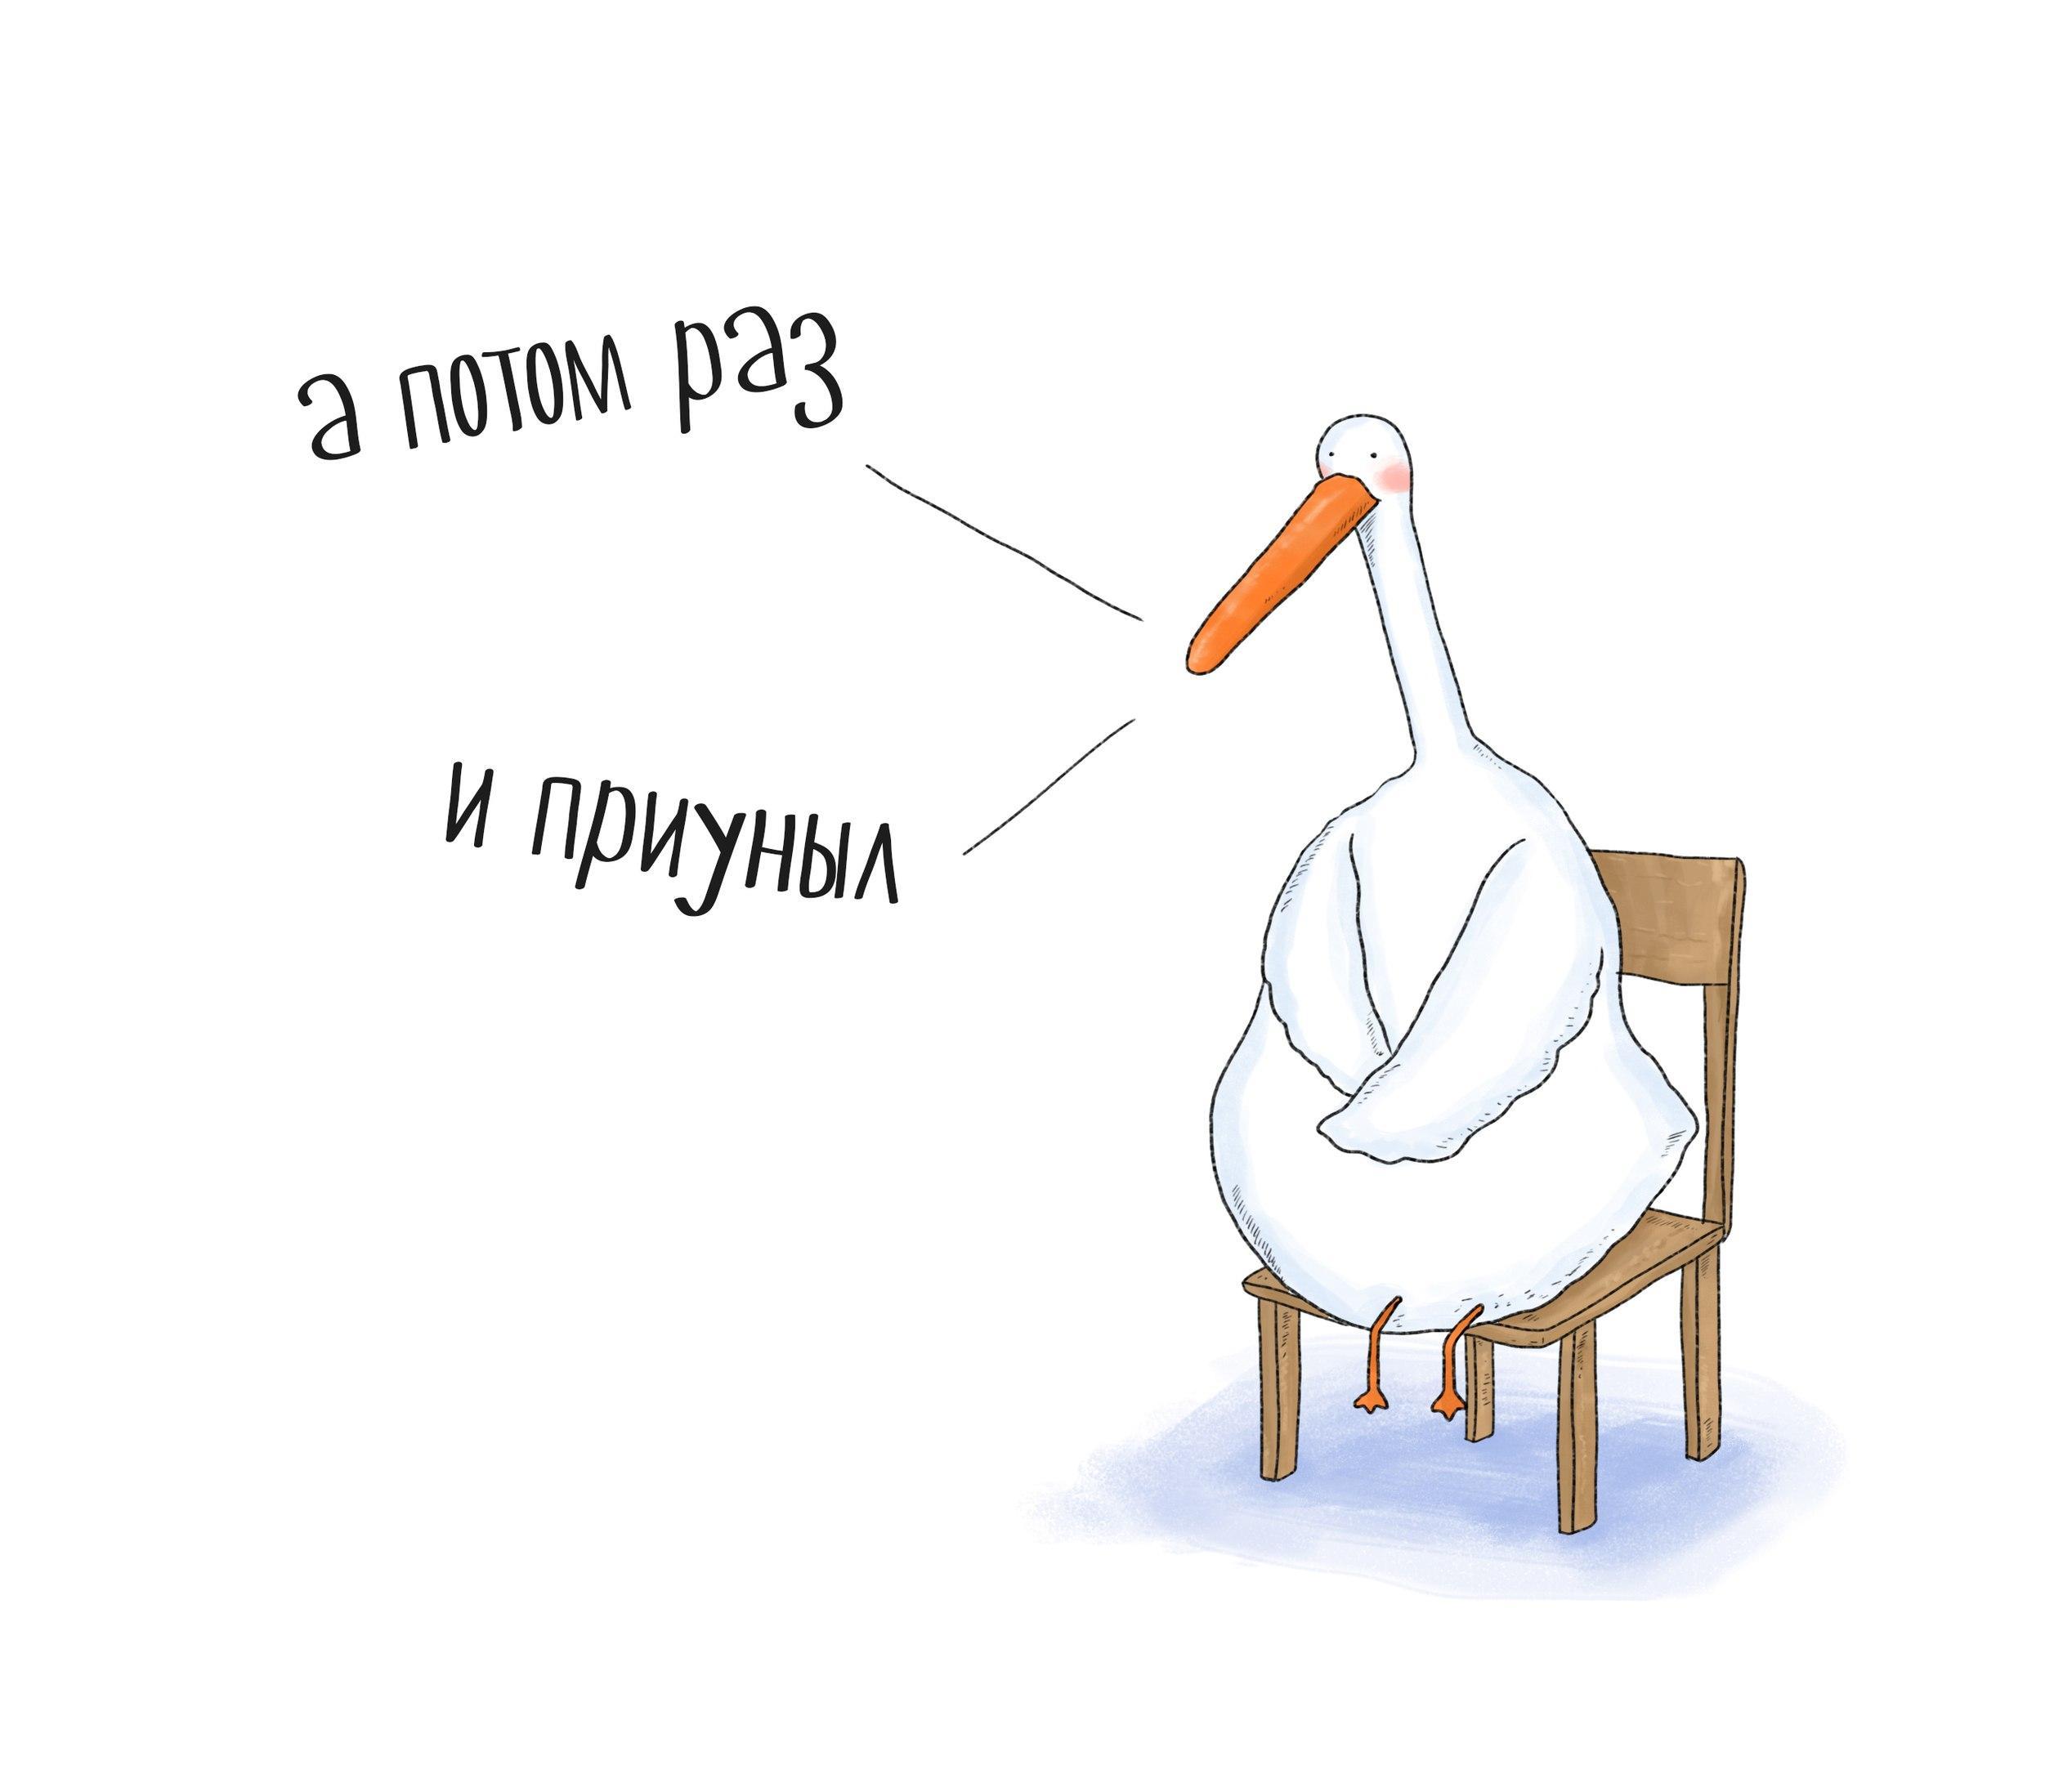 С гусями картинки смешные, рисования